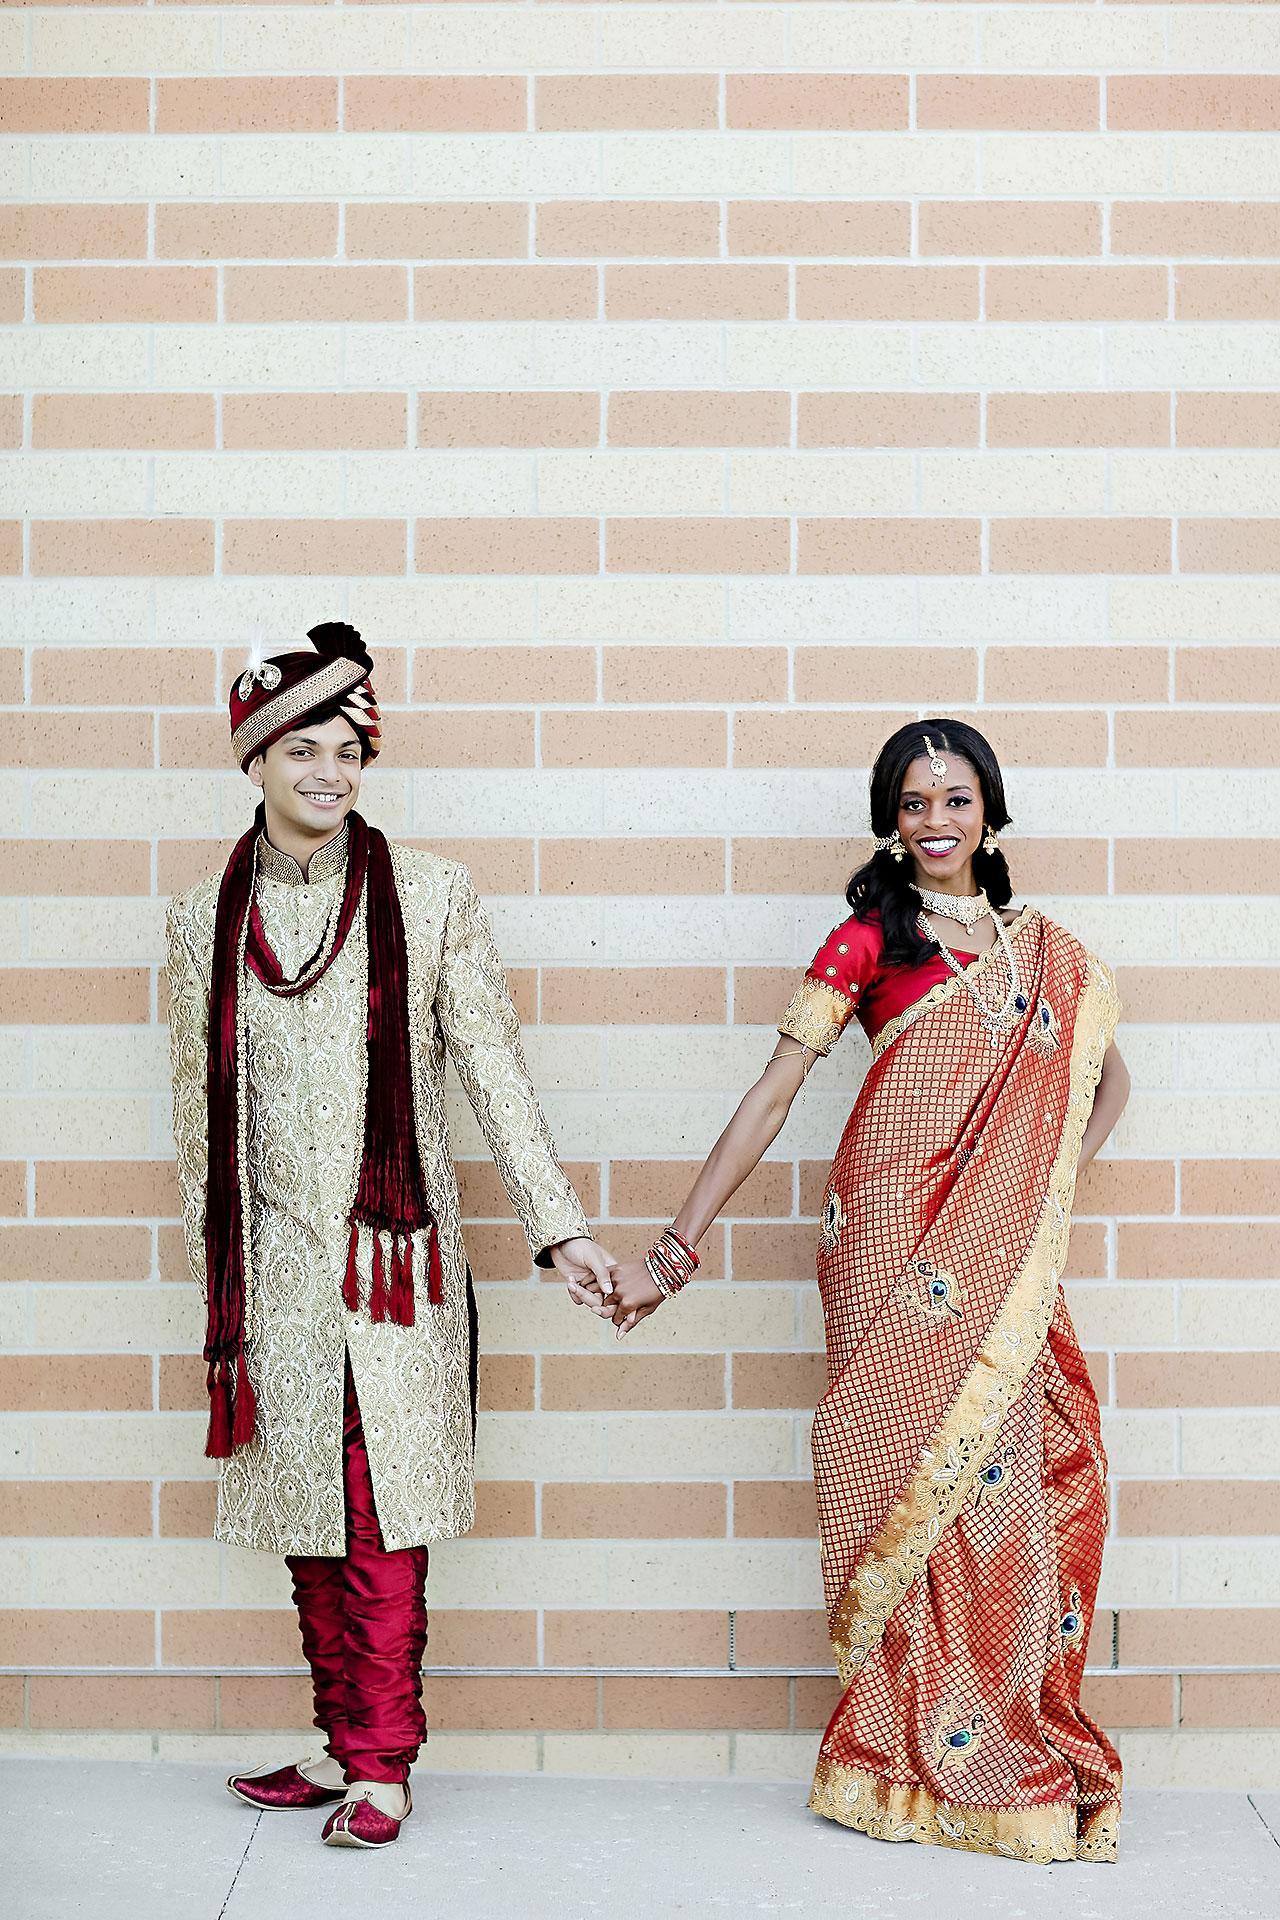 Joie Nikhil JW Marriott Indian Wedding 056